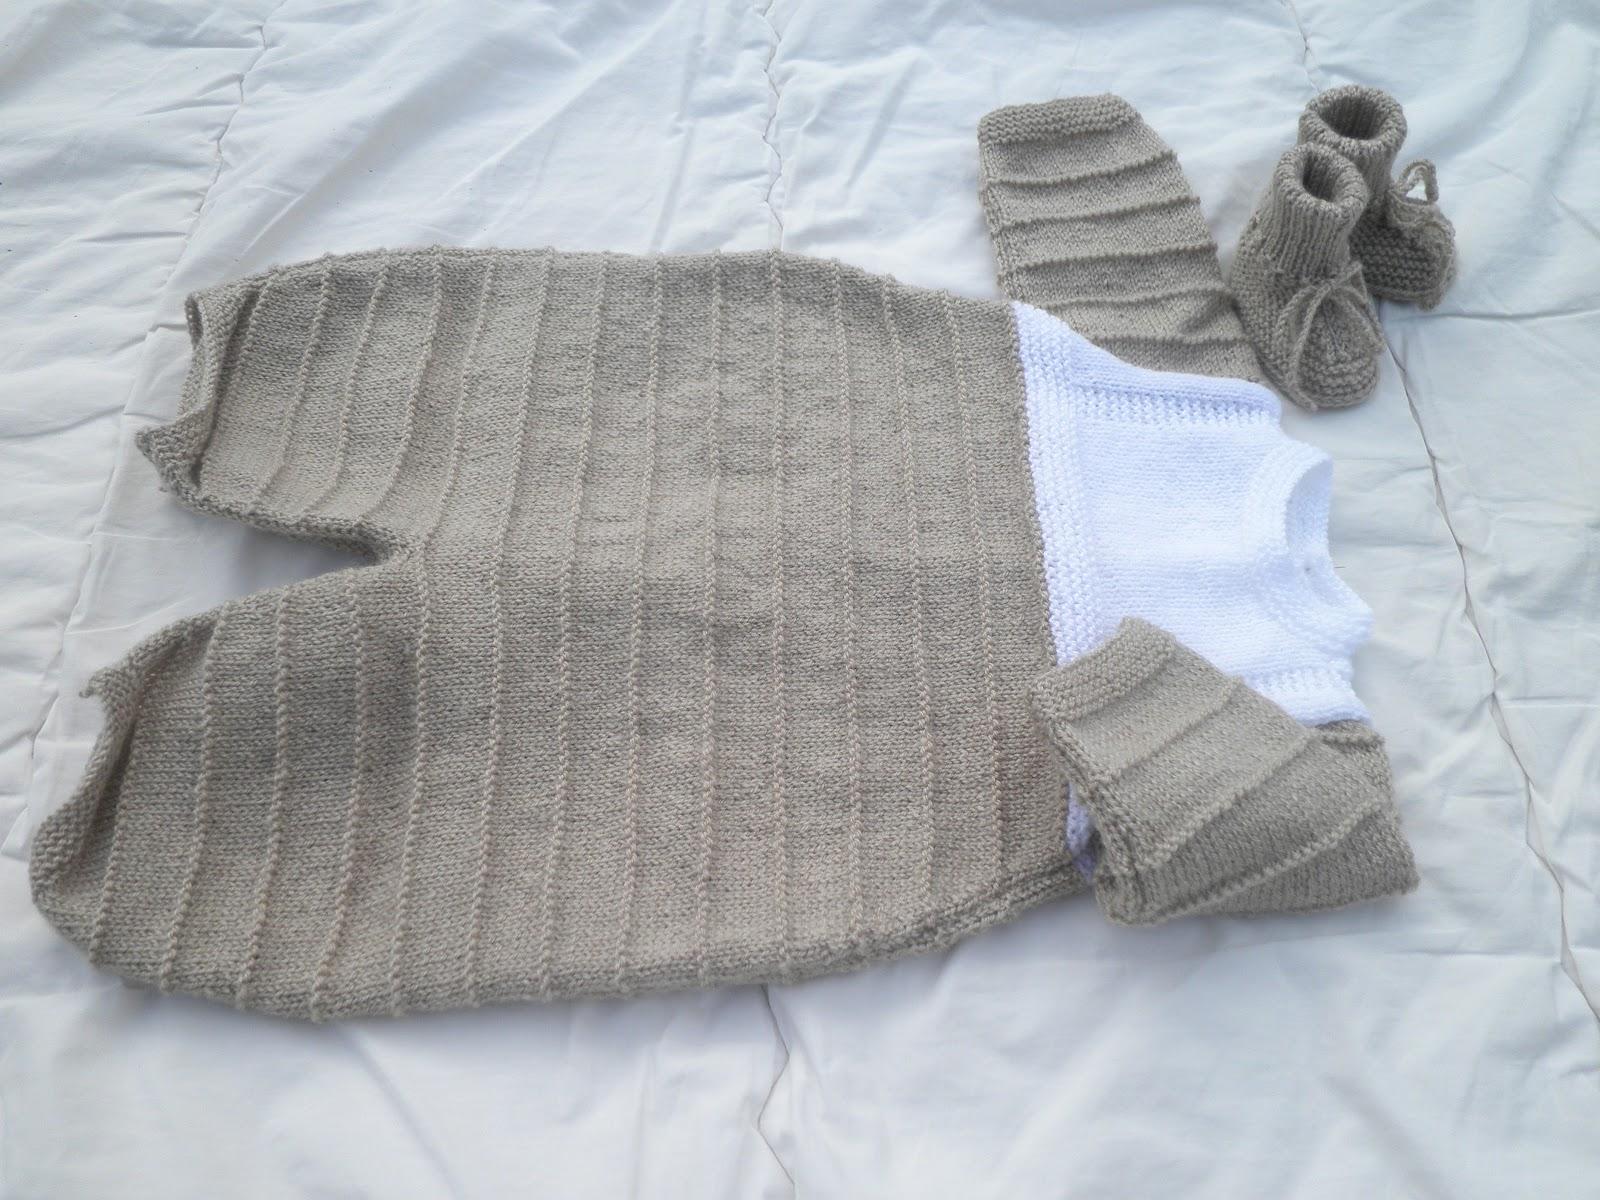 tricot et compagnie une combinaison b b. Black Bedroom Furniture Sets. Home Design Ideas